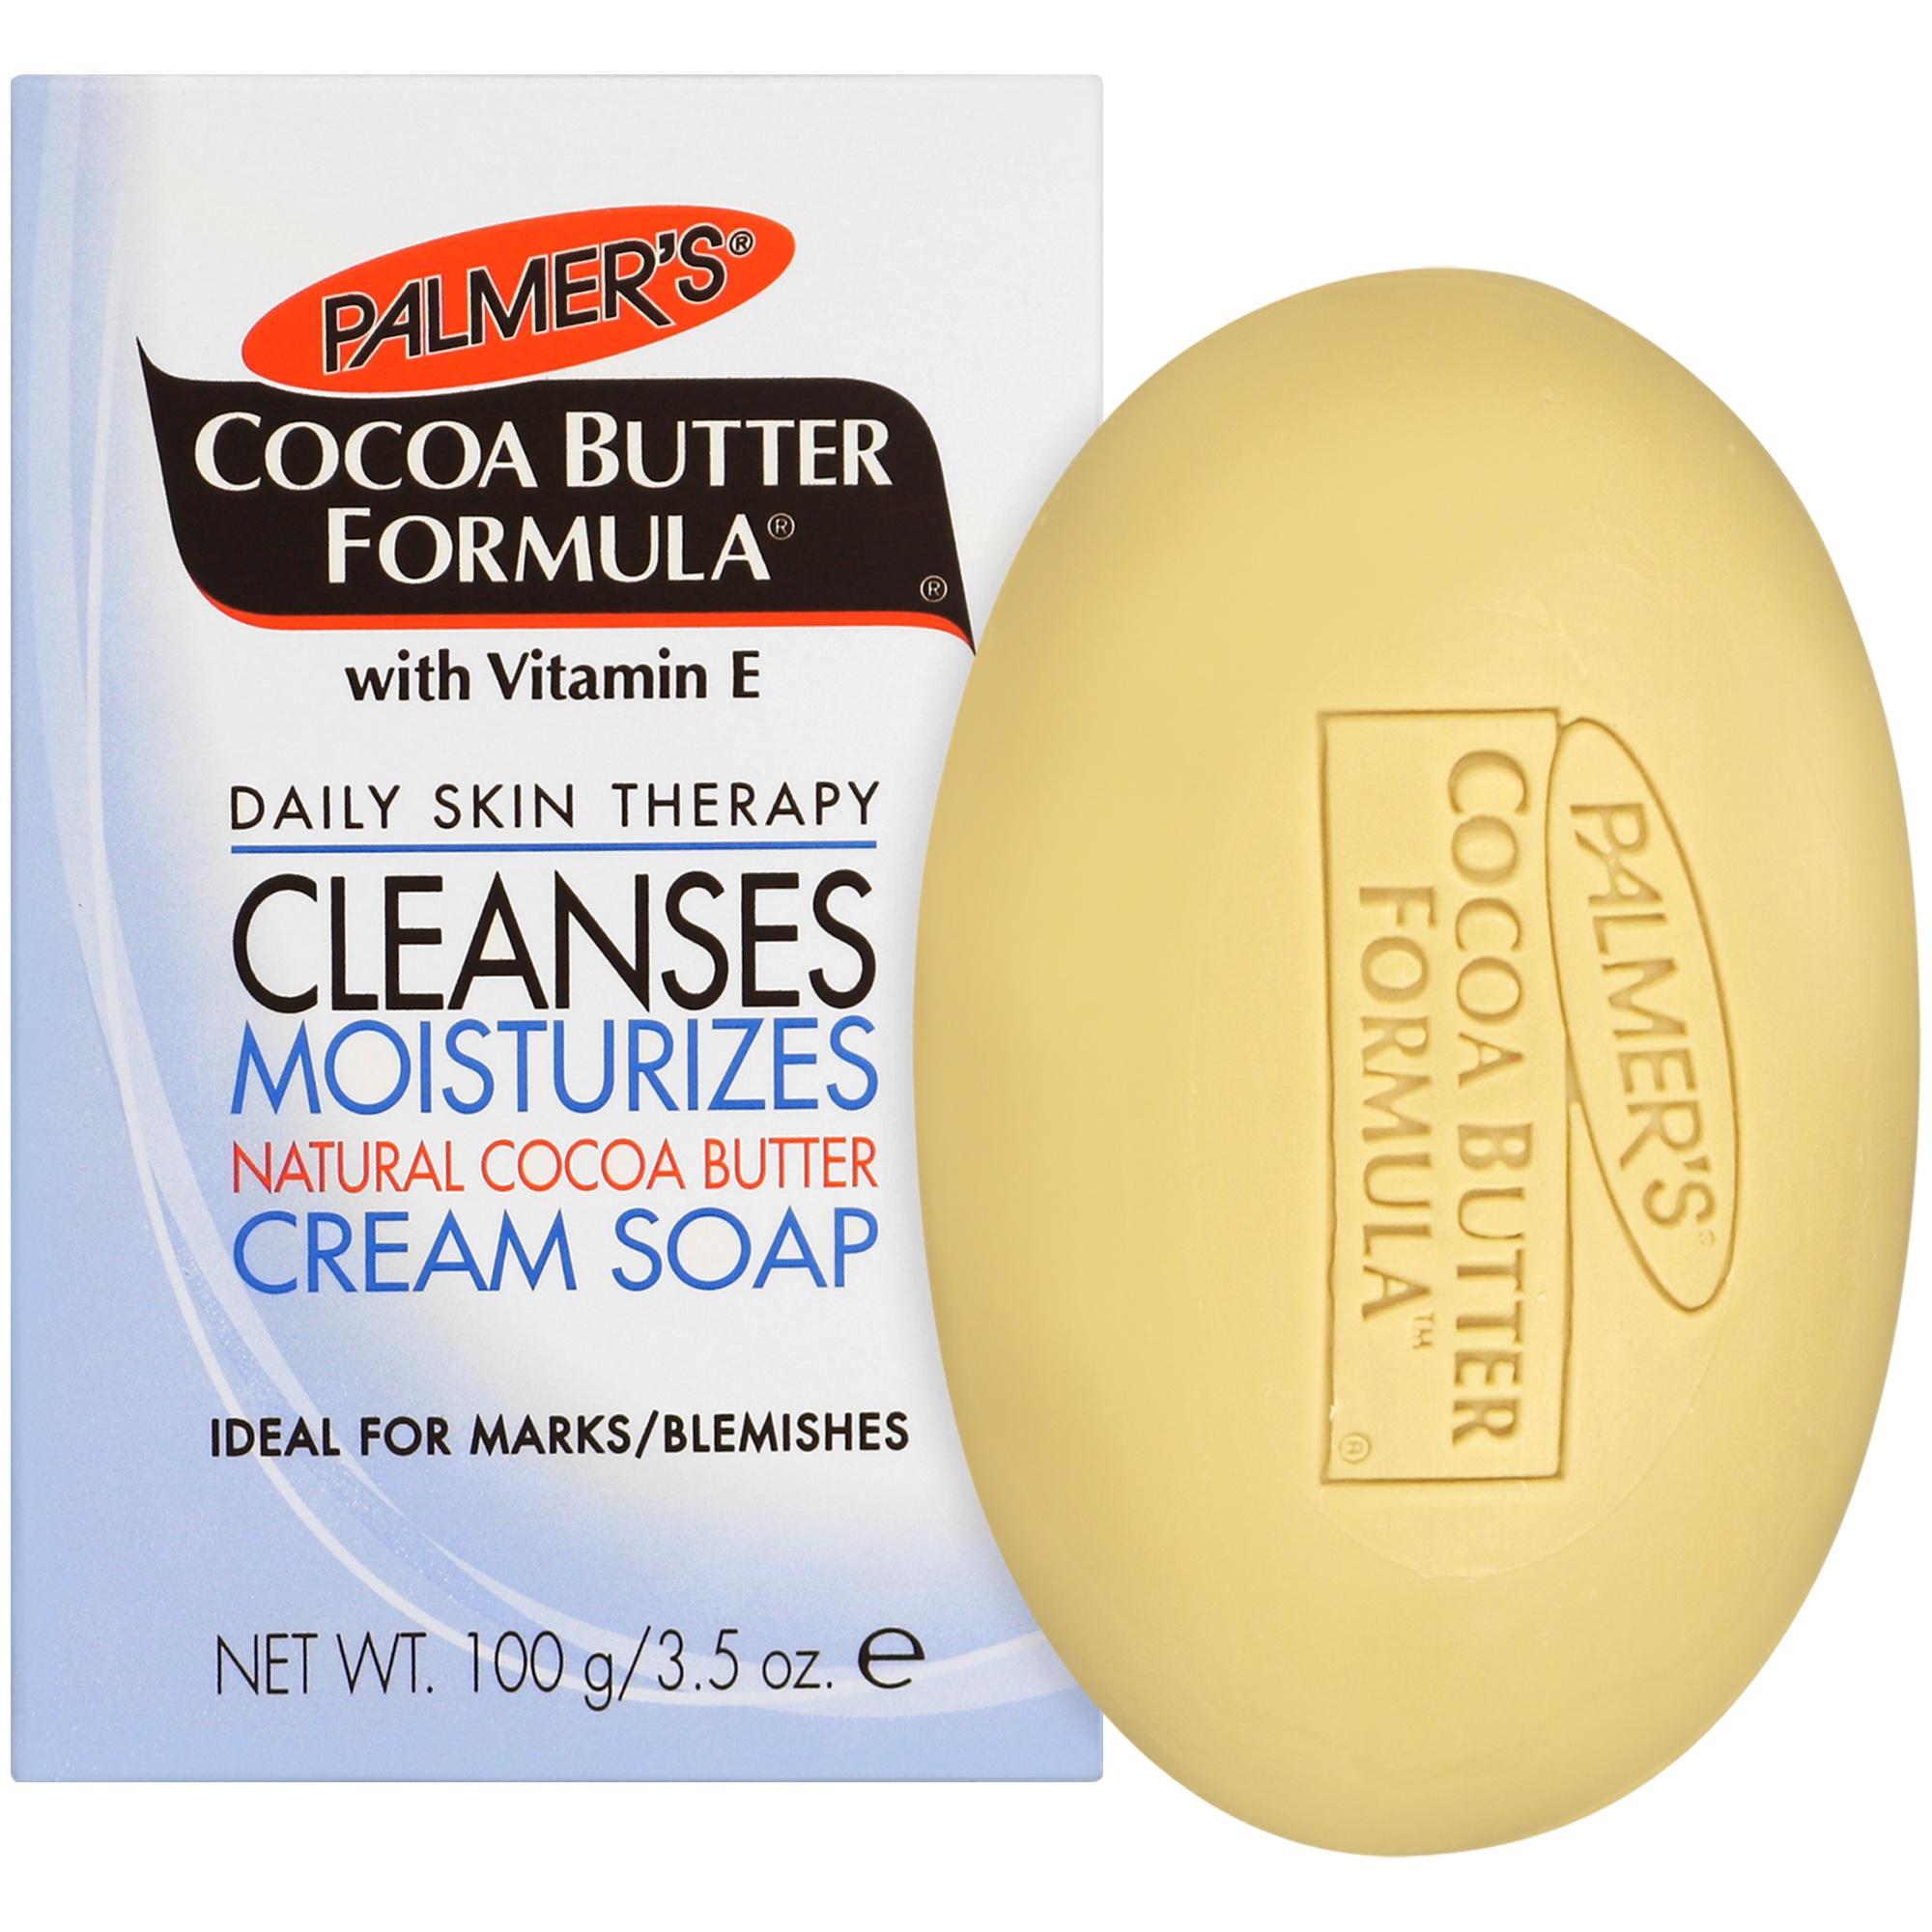 Palmer's Cream Soap